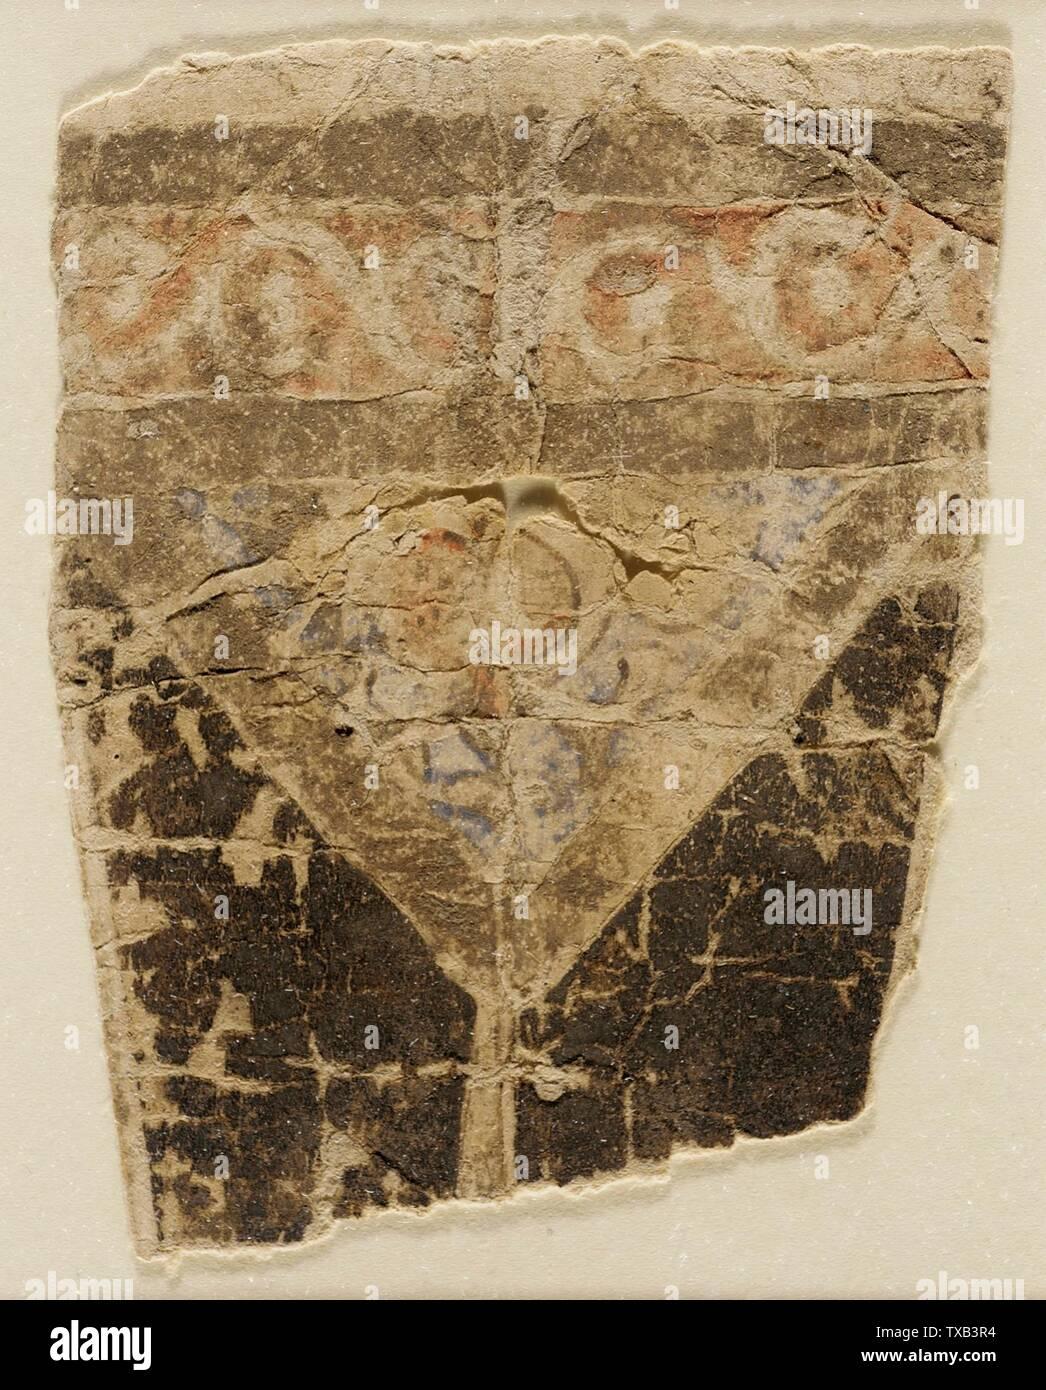 'Peinture; Anglais: Égypte, 1000-1250 Peintures Encre et couleurs sur papier 4 1/4 x 3 1/4 in. (10,79 x 8,25 cm); le mont: 22 x 16 in. (55,88 x 40,64 cm) La Collection d'Art Islamique de Madina, don de Camilla Chandler Frost (M.2002.1.654) L'Art Islamique; entre 1000 et 1250:P571 QS date,+1500-00-00T00:00:00Z/6,P1319,+1000-00-00T00:00:00Z/9,P1326,+1250-00-00T00:00:00Z/9; ' Photo Stock